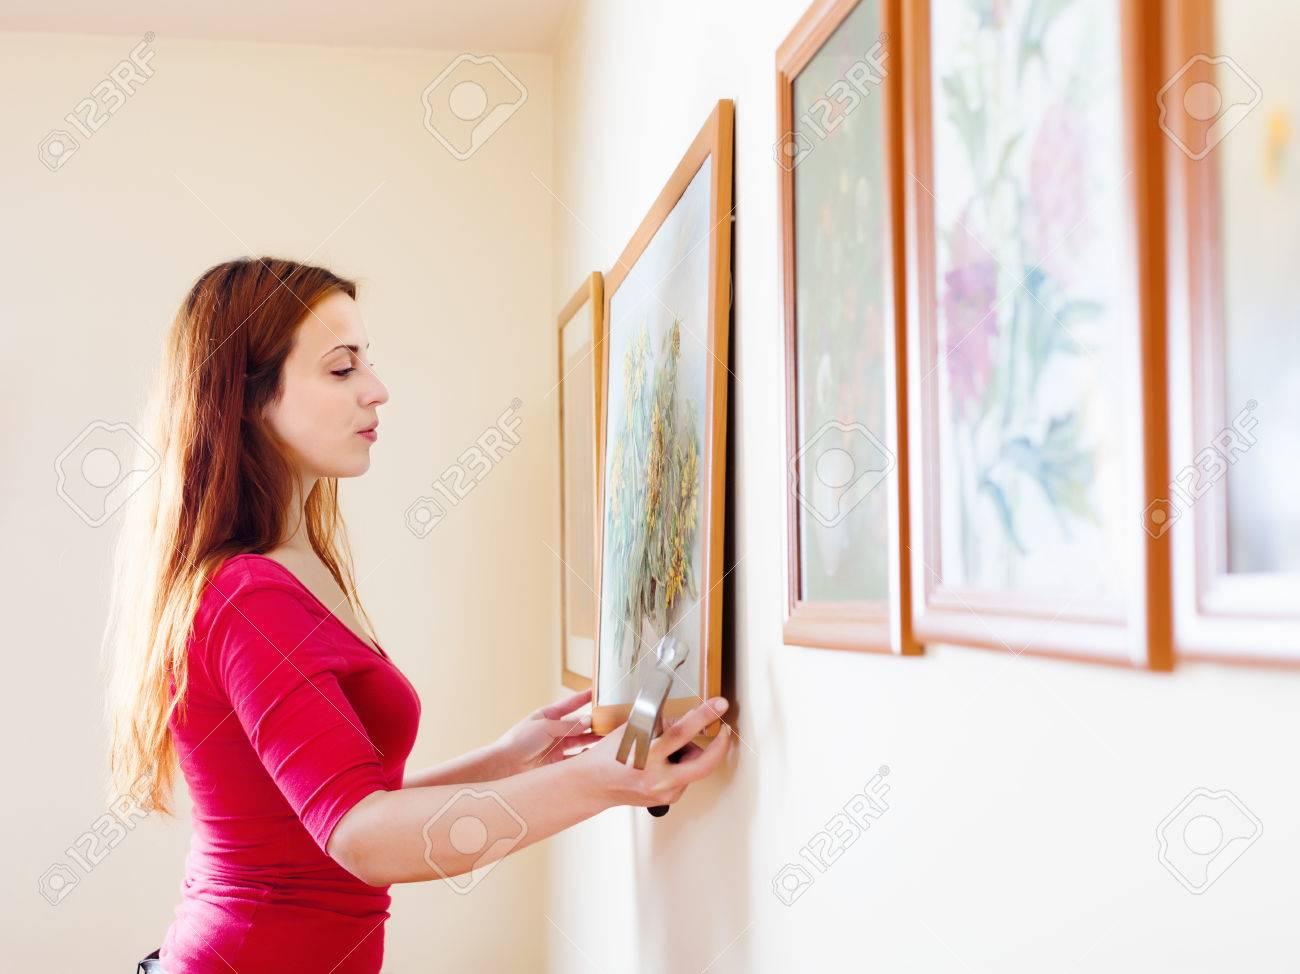 フレームの壁に絵を掛ける長い髪の少女 の写真素材・画像素材 Image ...